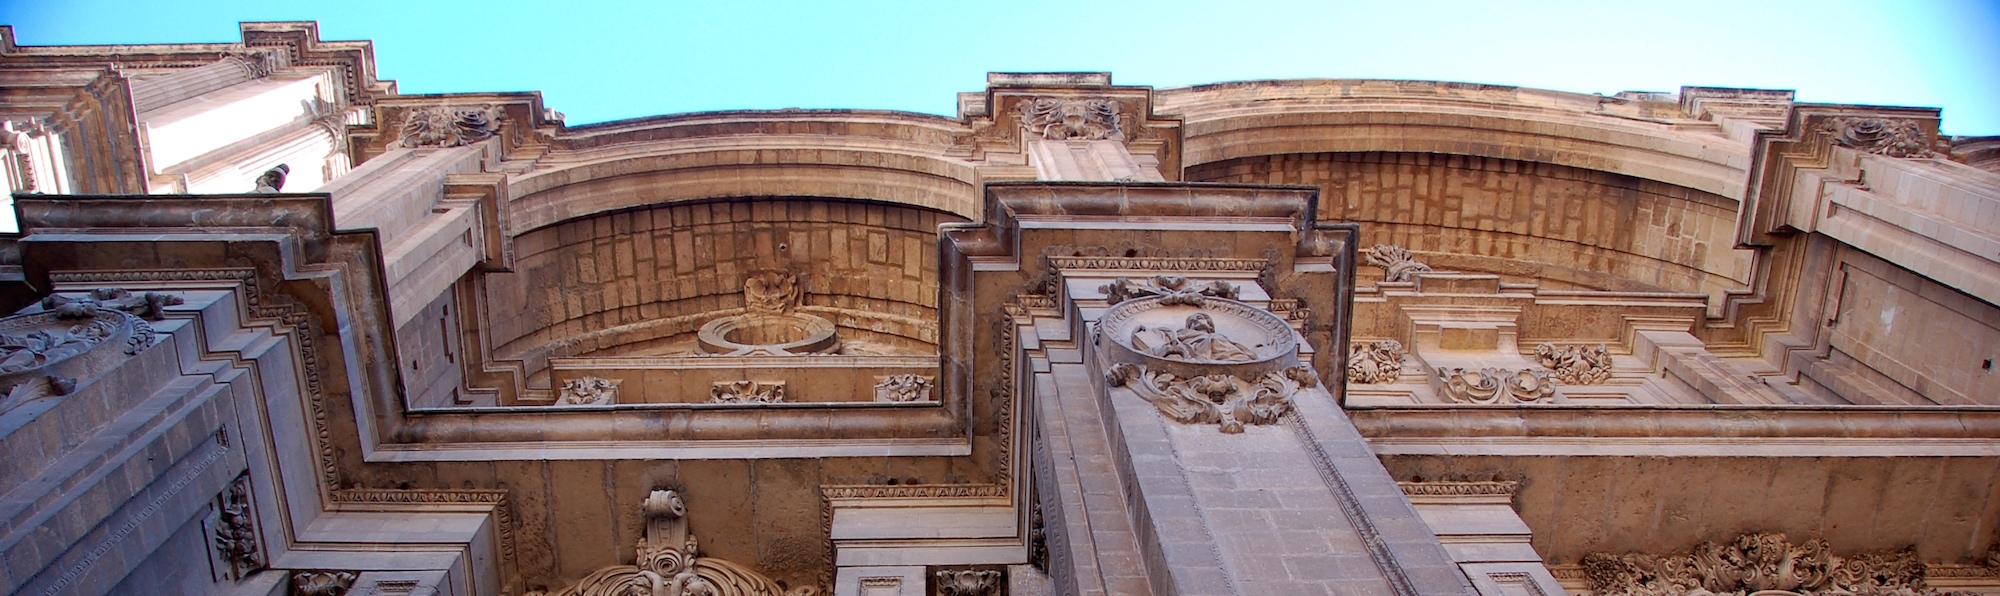 Catedral Granada, España